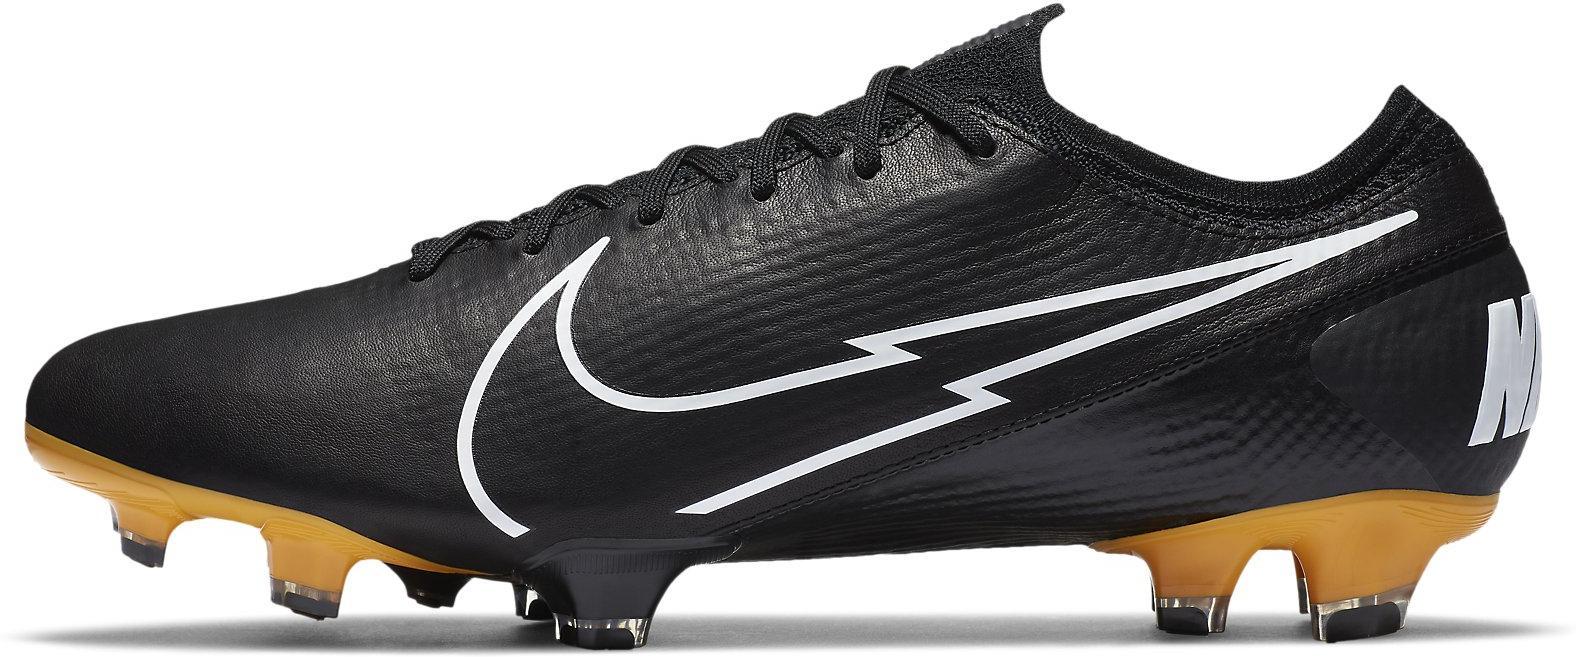 Kopačky Nike VAPOR 13 ELITE TC FG černá